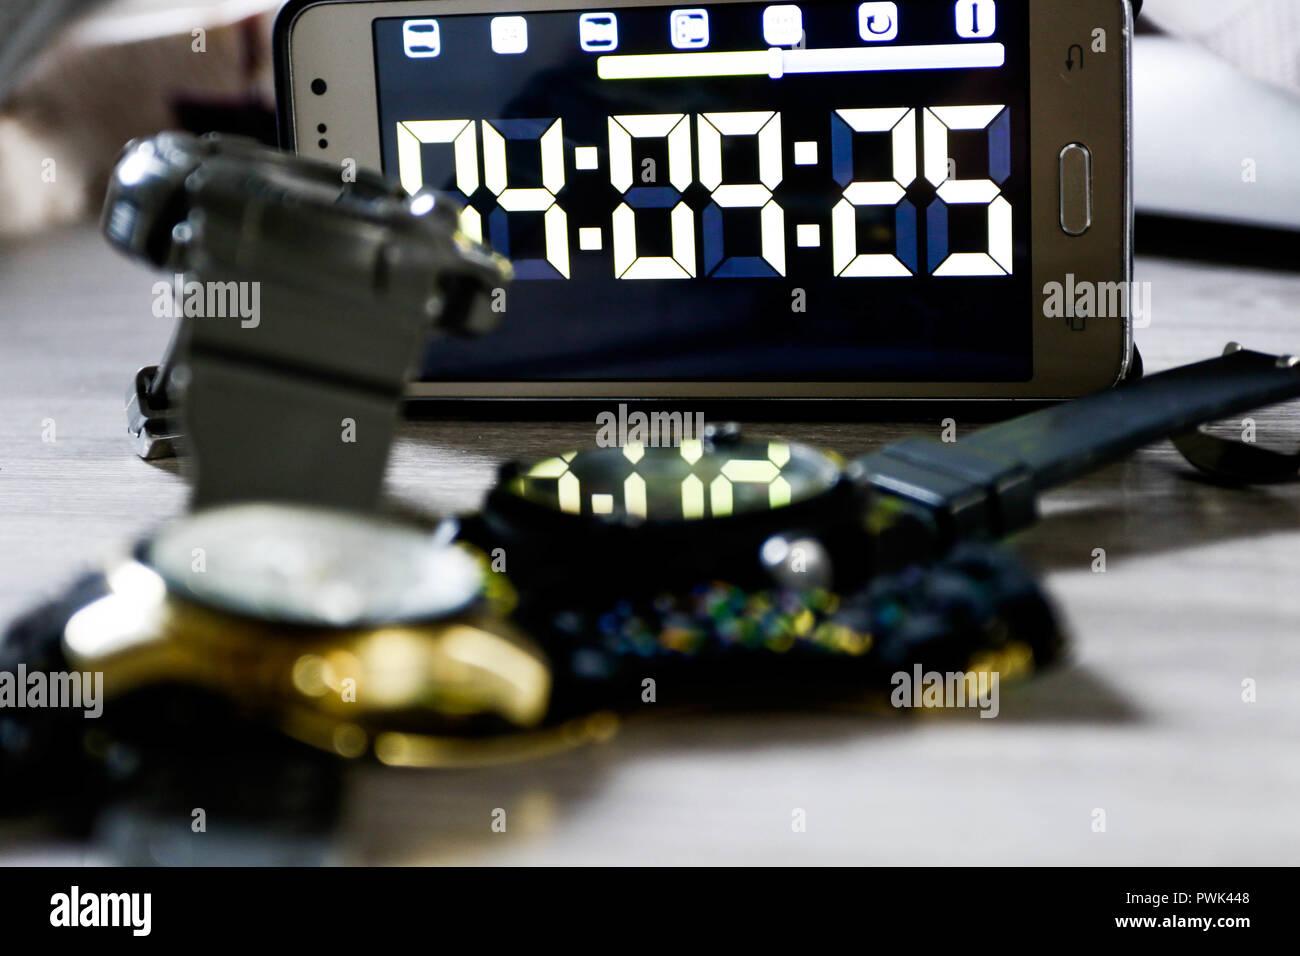 SÃO PAULO, SP - 16.10.2018: GOVERNO ALTERA INÍCIO ¿HORÁRIO DE VERÃO - El gobierno decide mantener la fecha de inicio del horario de verano para el 4 de noviembre, el mismo día que el Enem pruebas, y afirma que en aras de la seguridad jurídica, dado el decreto ya publicado. (Foto: Aloisio Mauricio/Fotoarena) Imagen De Stock